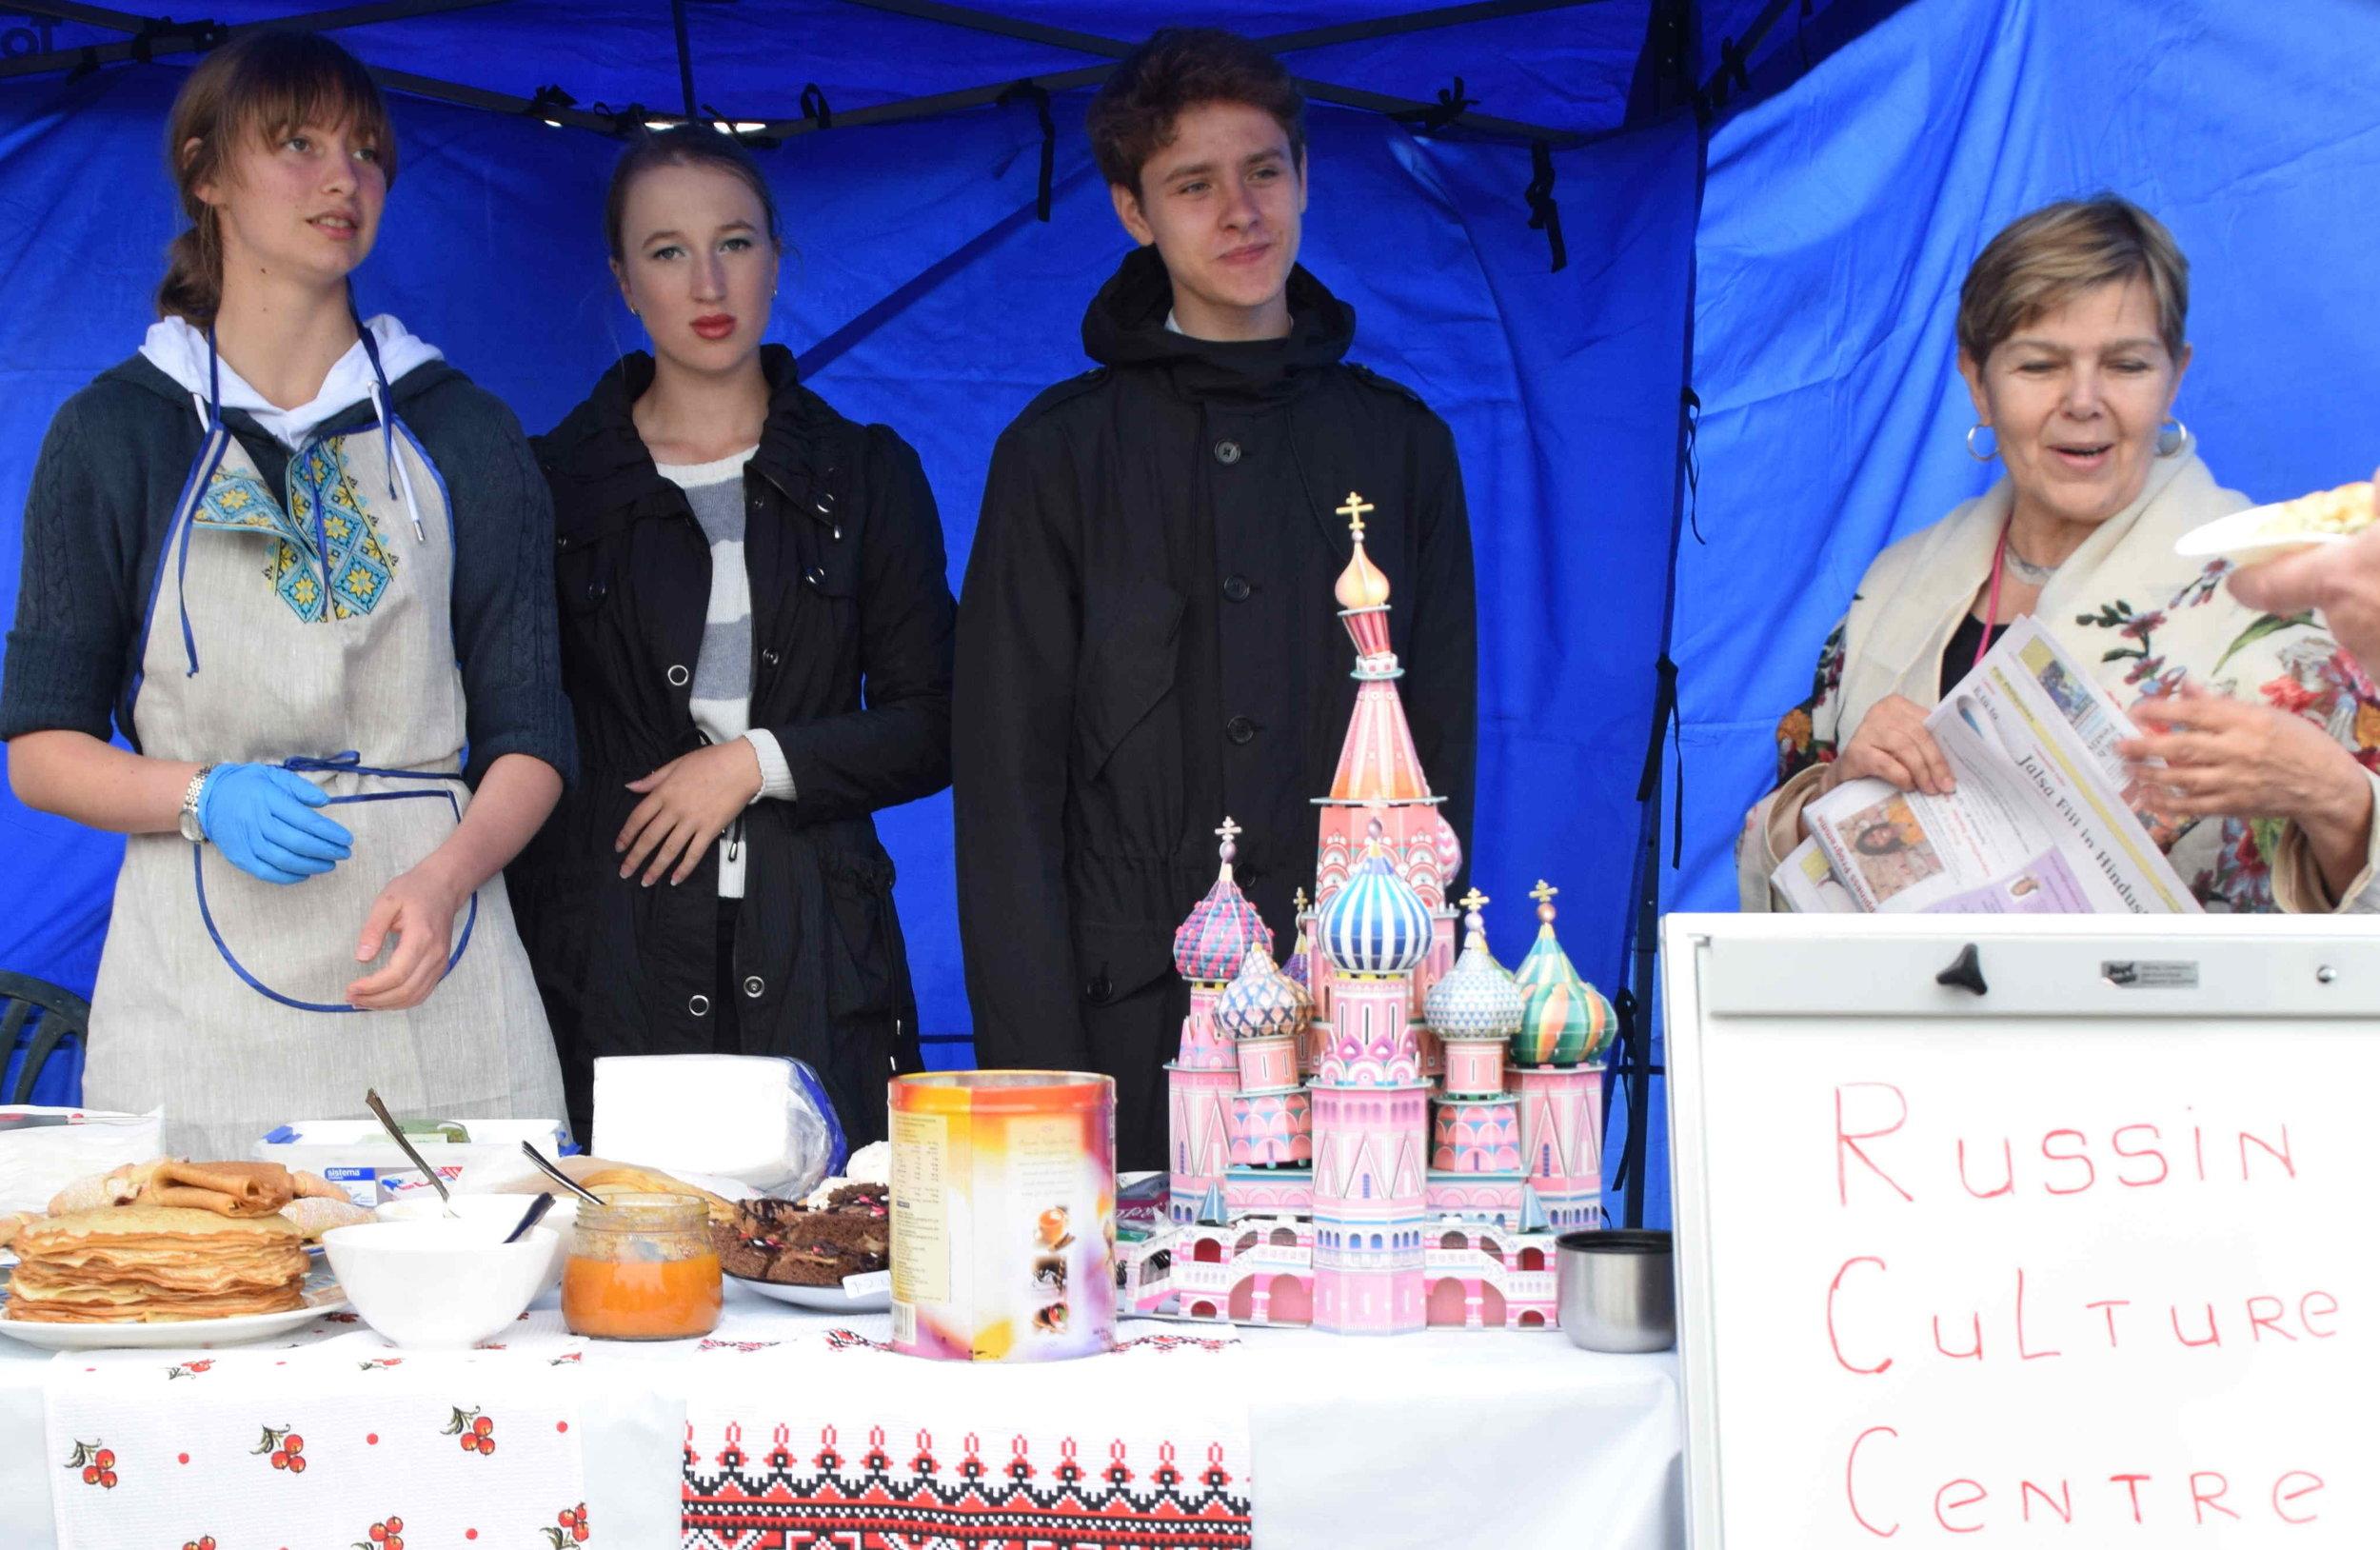 Russian Culture Centre